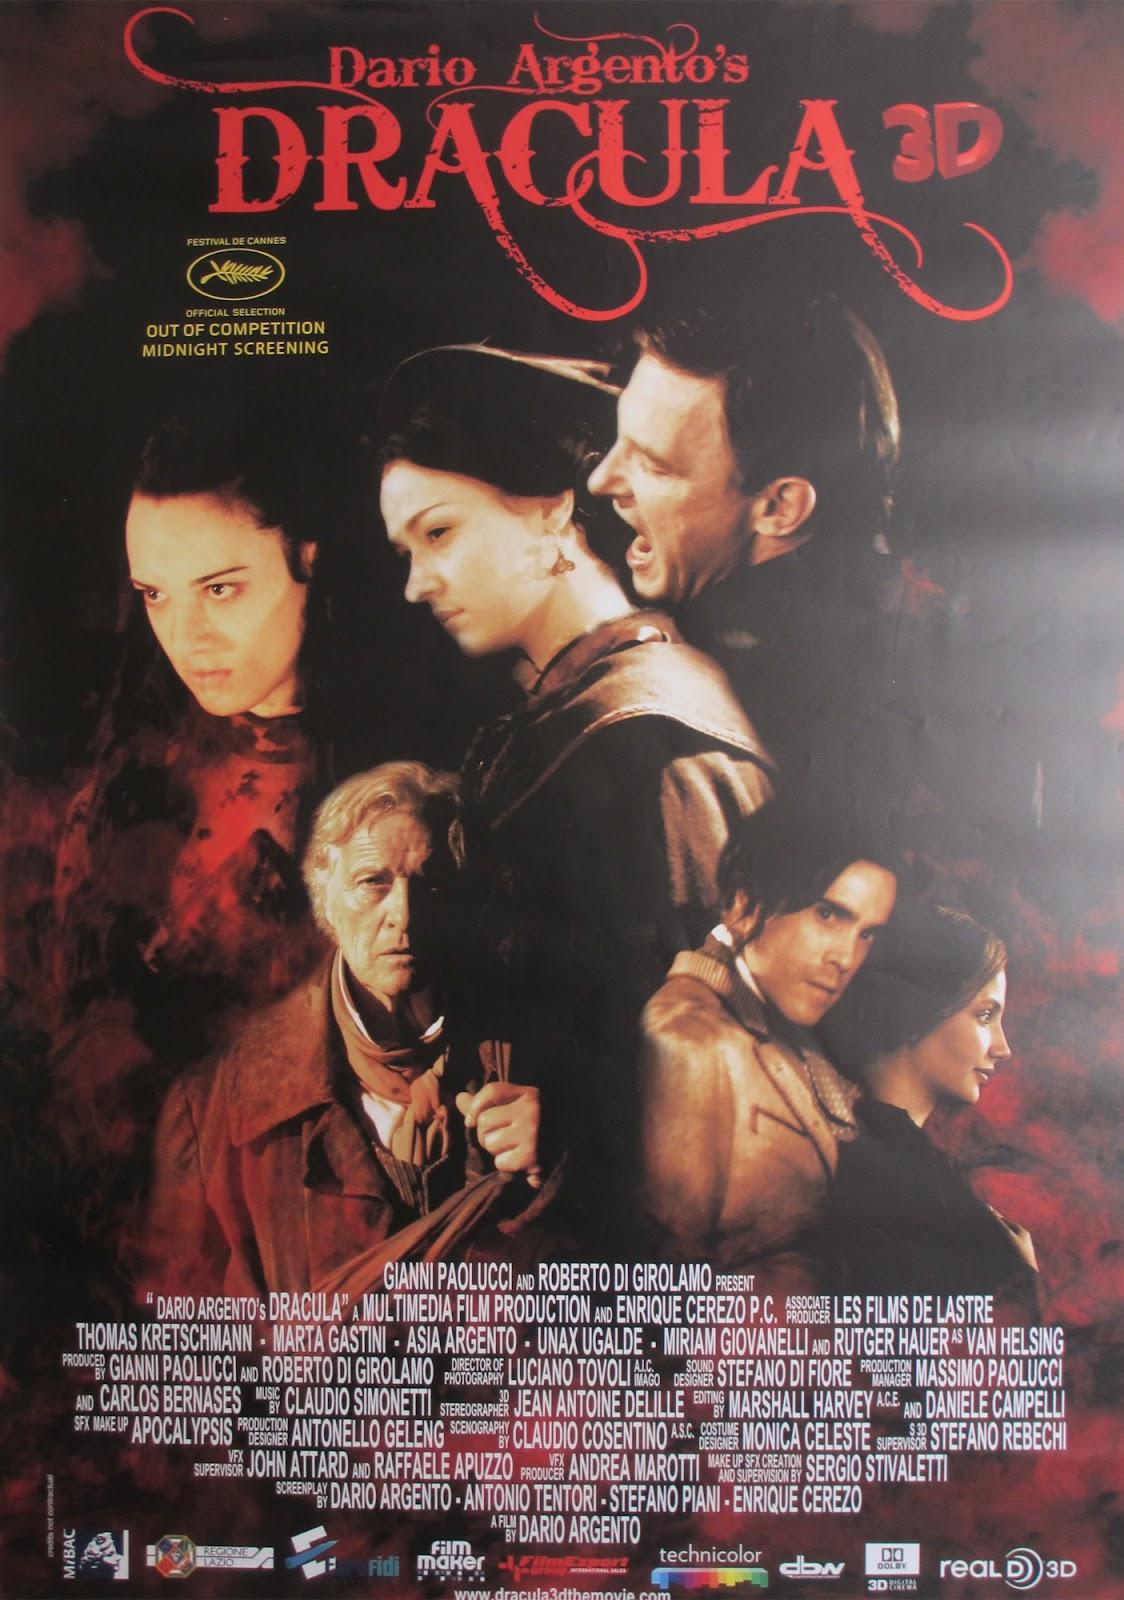 http://2.bp.blogspot.com/-Nob0M7uvN3M/T7a1yc-5mjI/AAAAAAAAreU/Zy2qt5QqHDo/s1600/Dario_Argento-Dracula_3D-Asia_Argento-Rutger_Hauer-poster-cannes.jpg